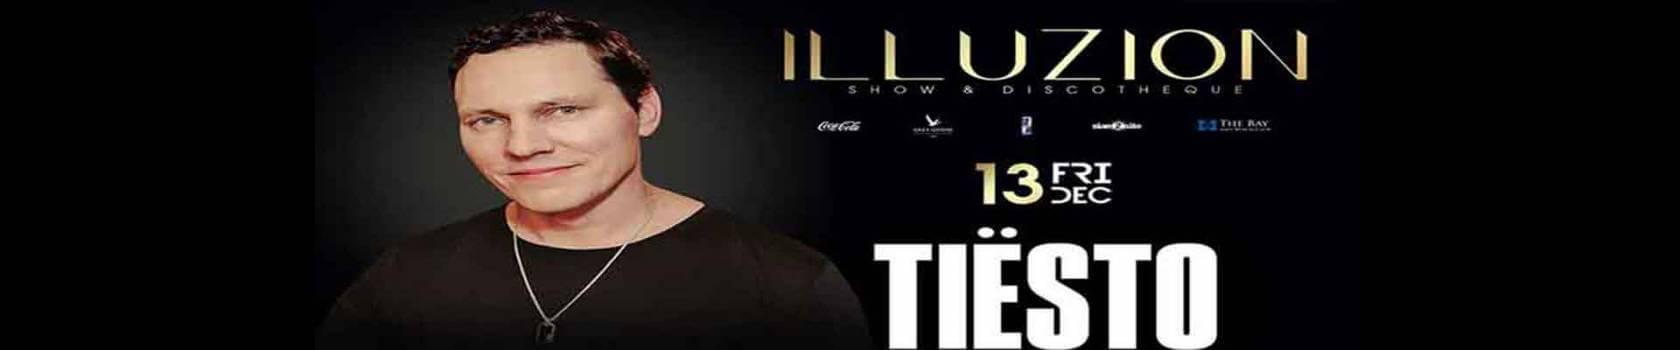 Tiësto at Illuzion Phuket